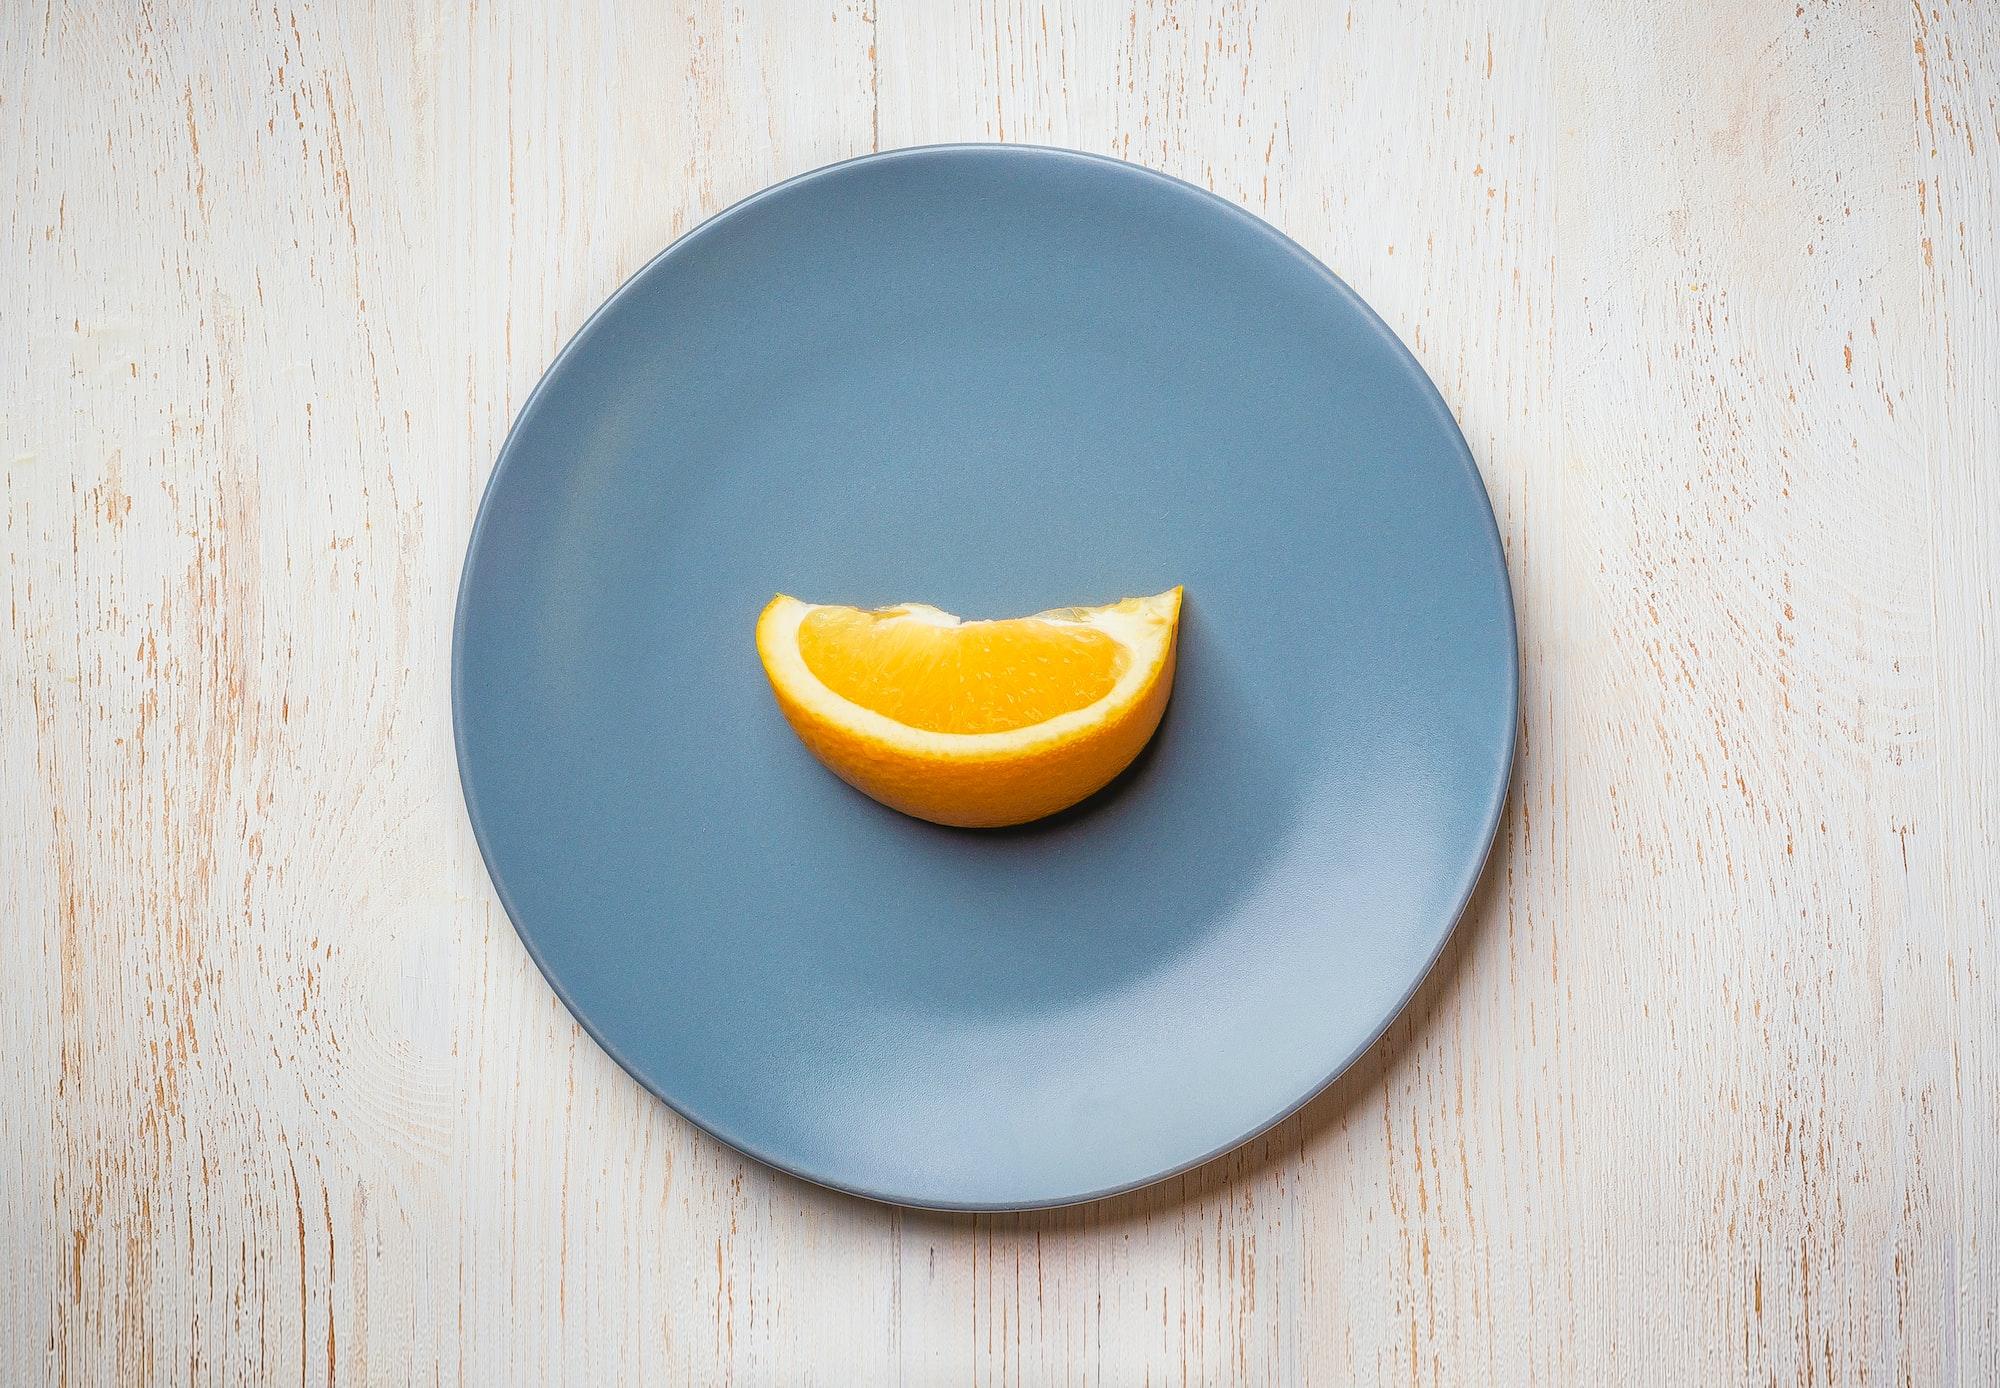 ลดน้ำหนักด้วย Intermittent Fasting (IF) ดีจริงไหม สรุปจากวารสารการแพทย์ชื่อดัง